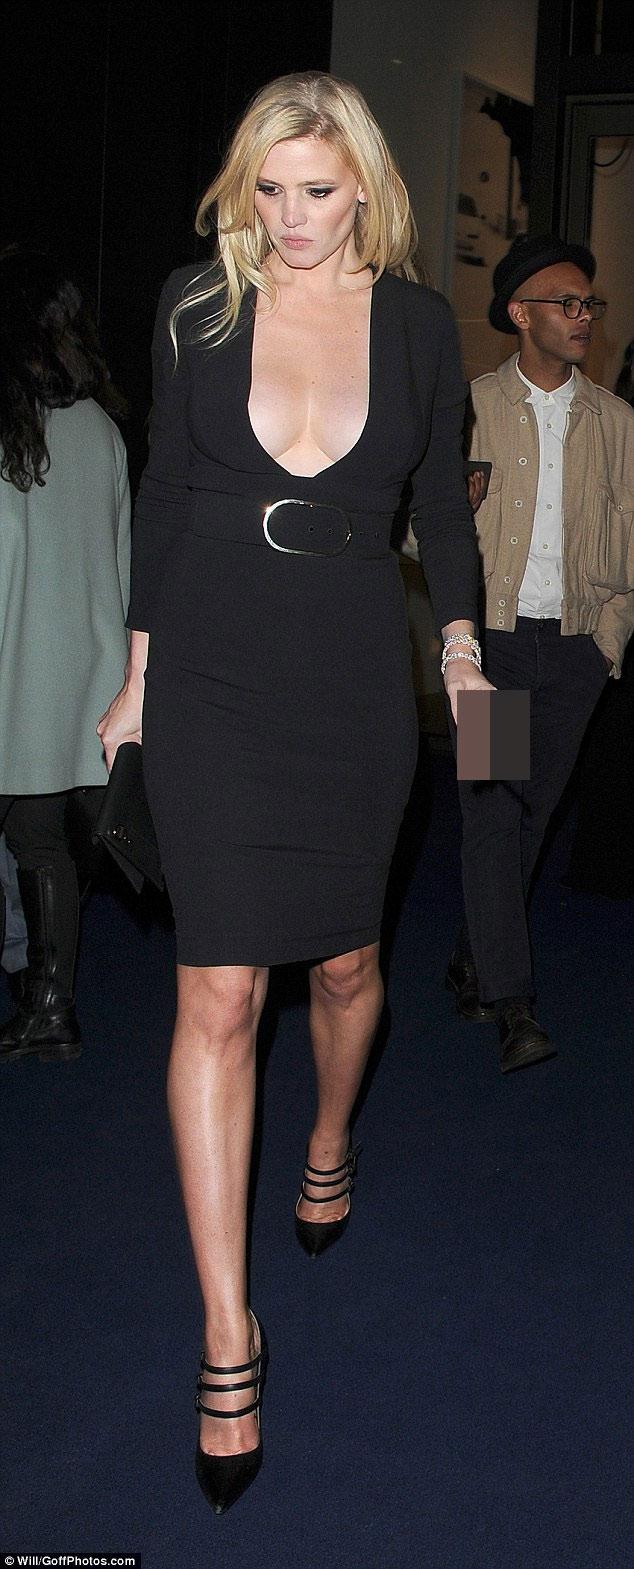 Irina Shayk khoe vòng 1 tự nhiên với váy khoét tận rốn - 4